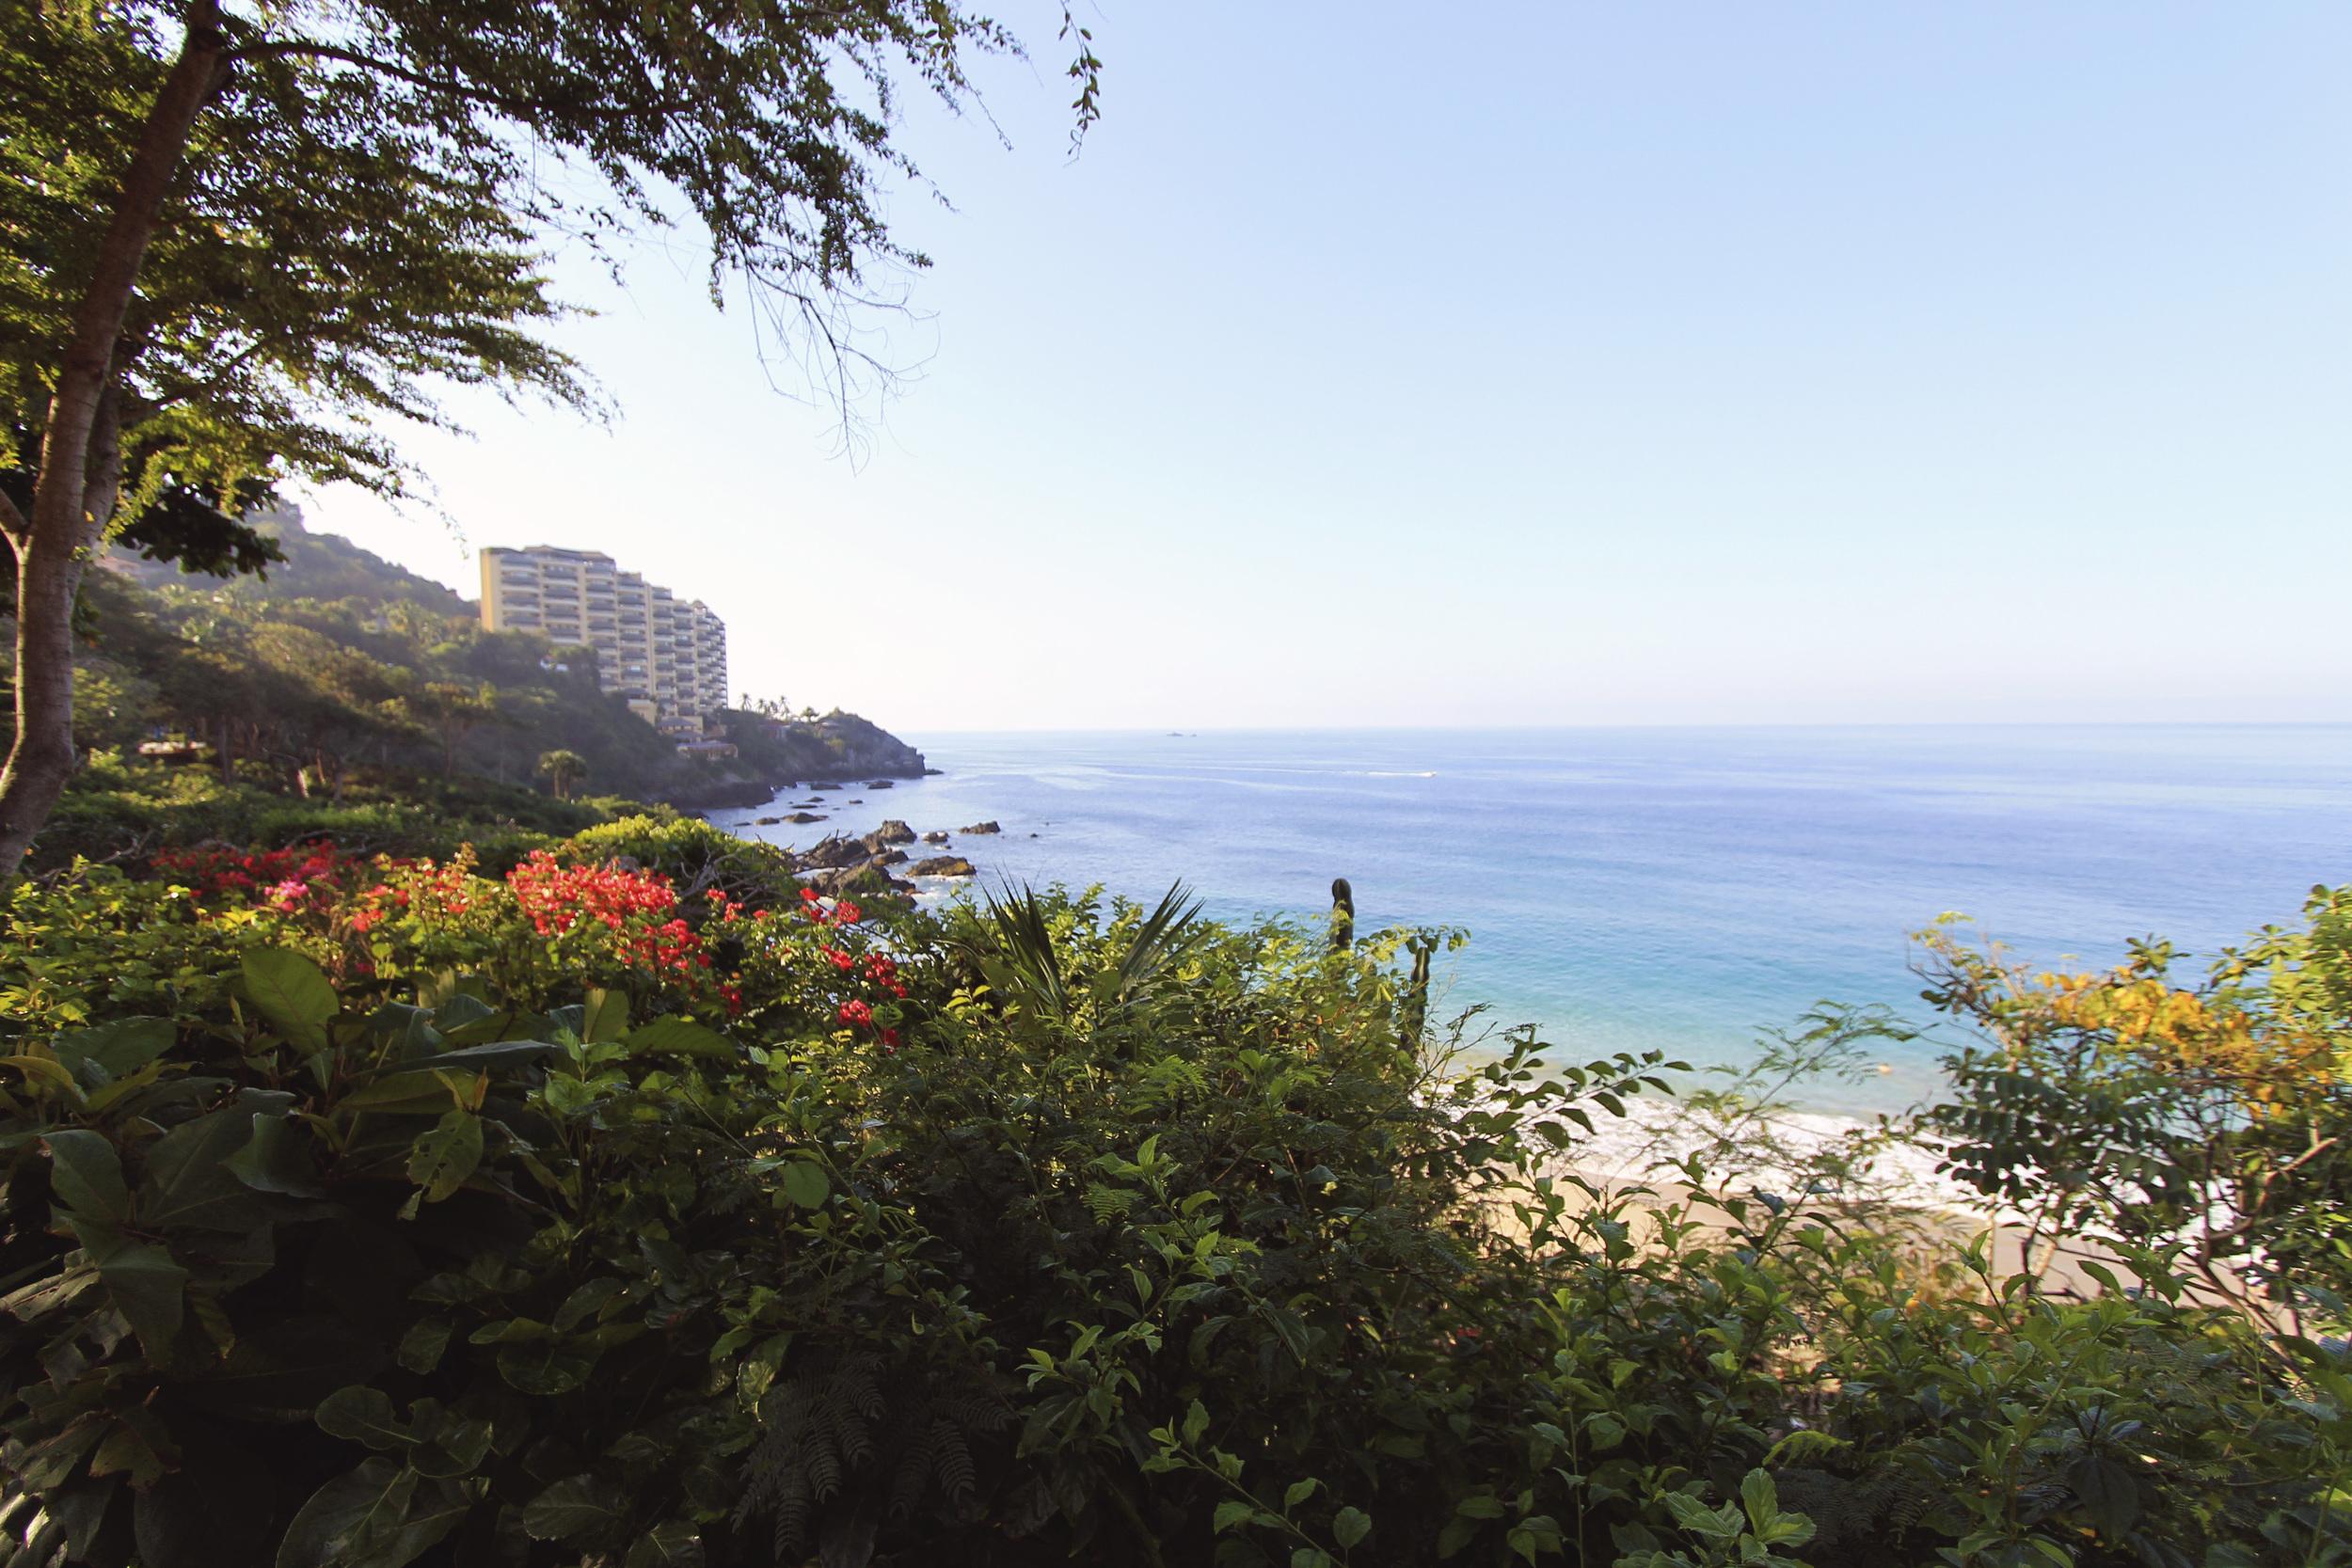 mexico beach ocean view pacific